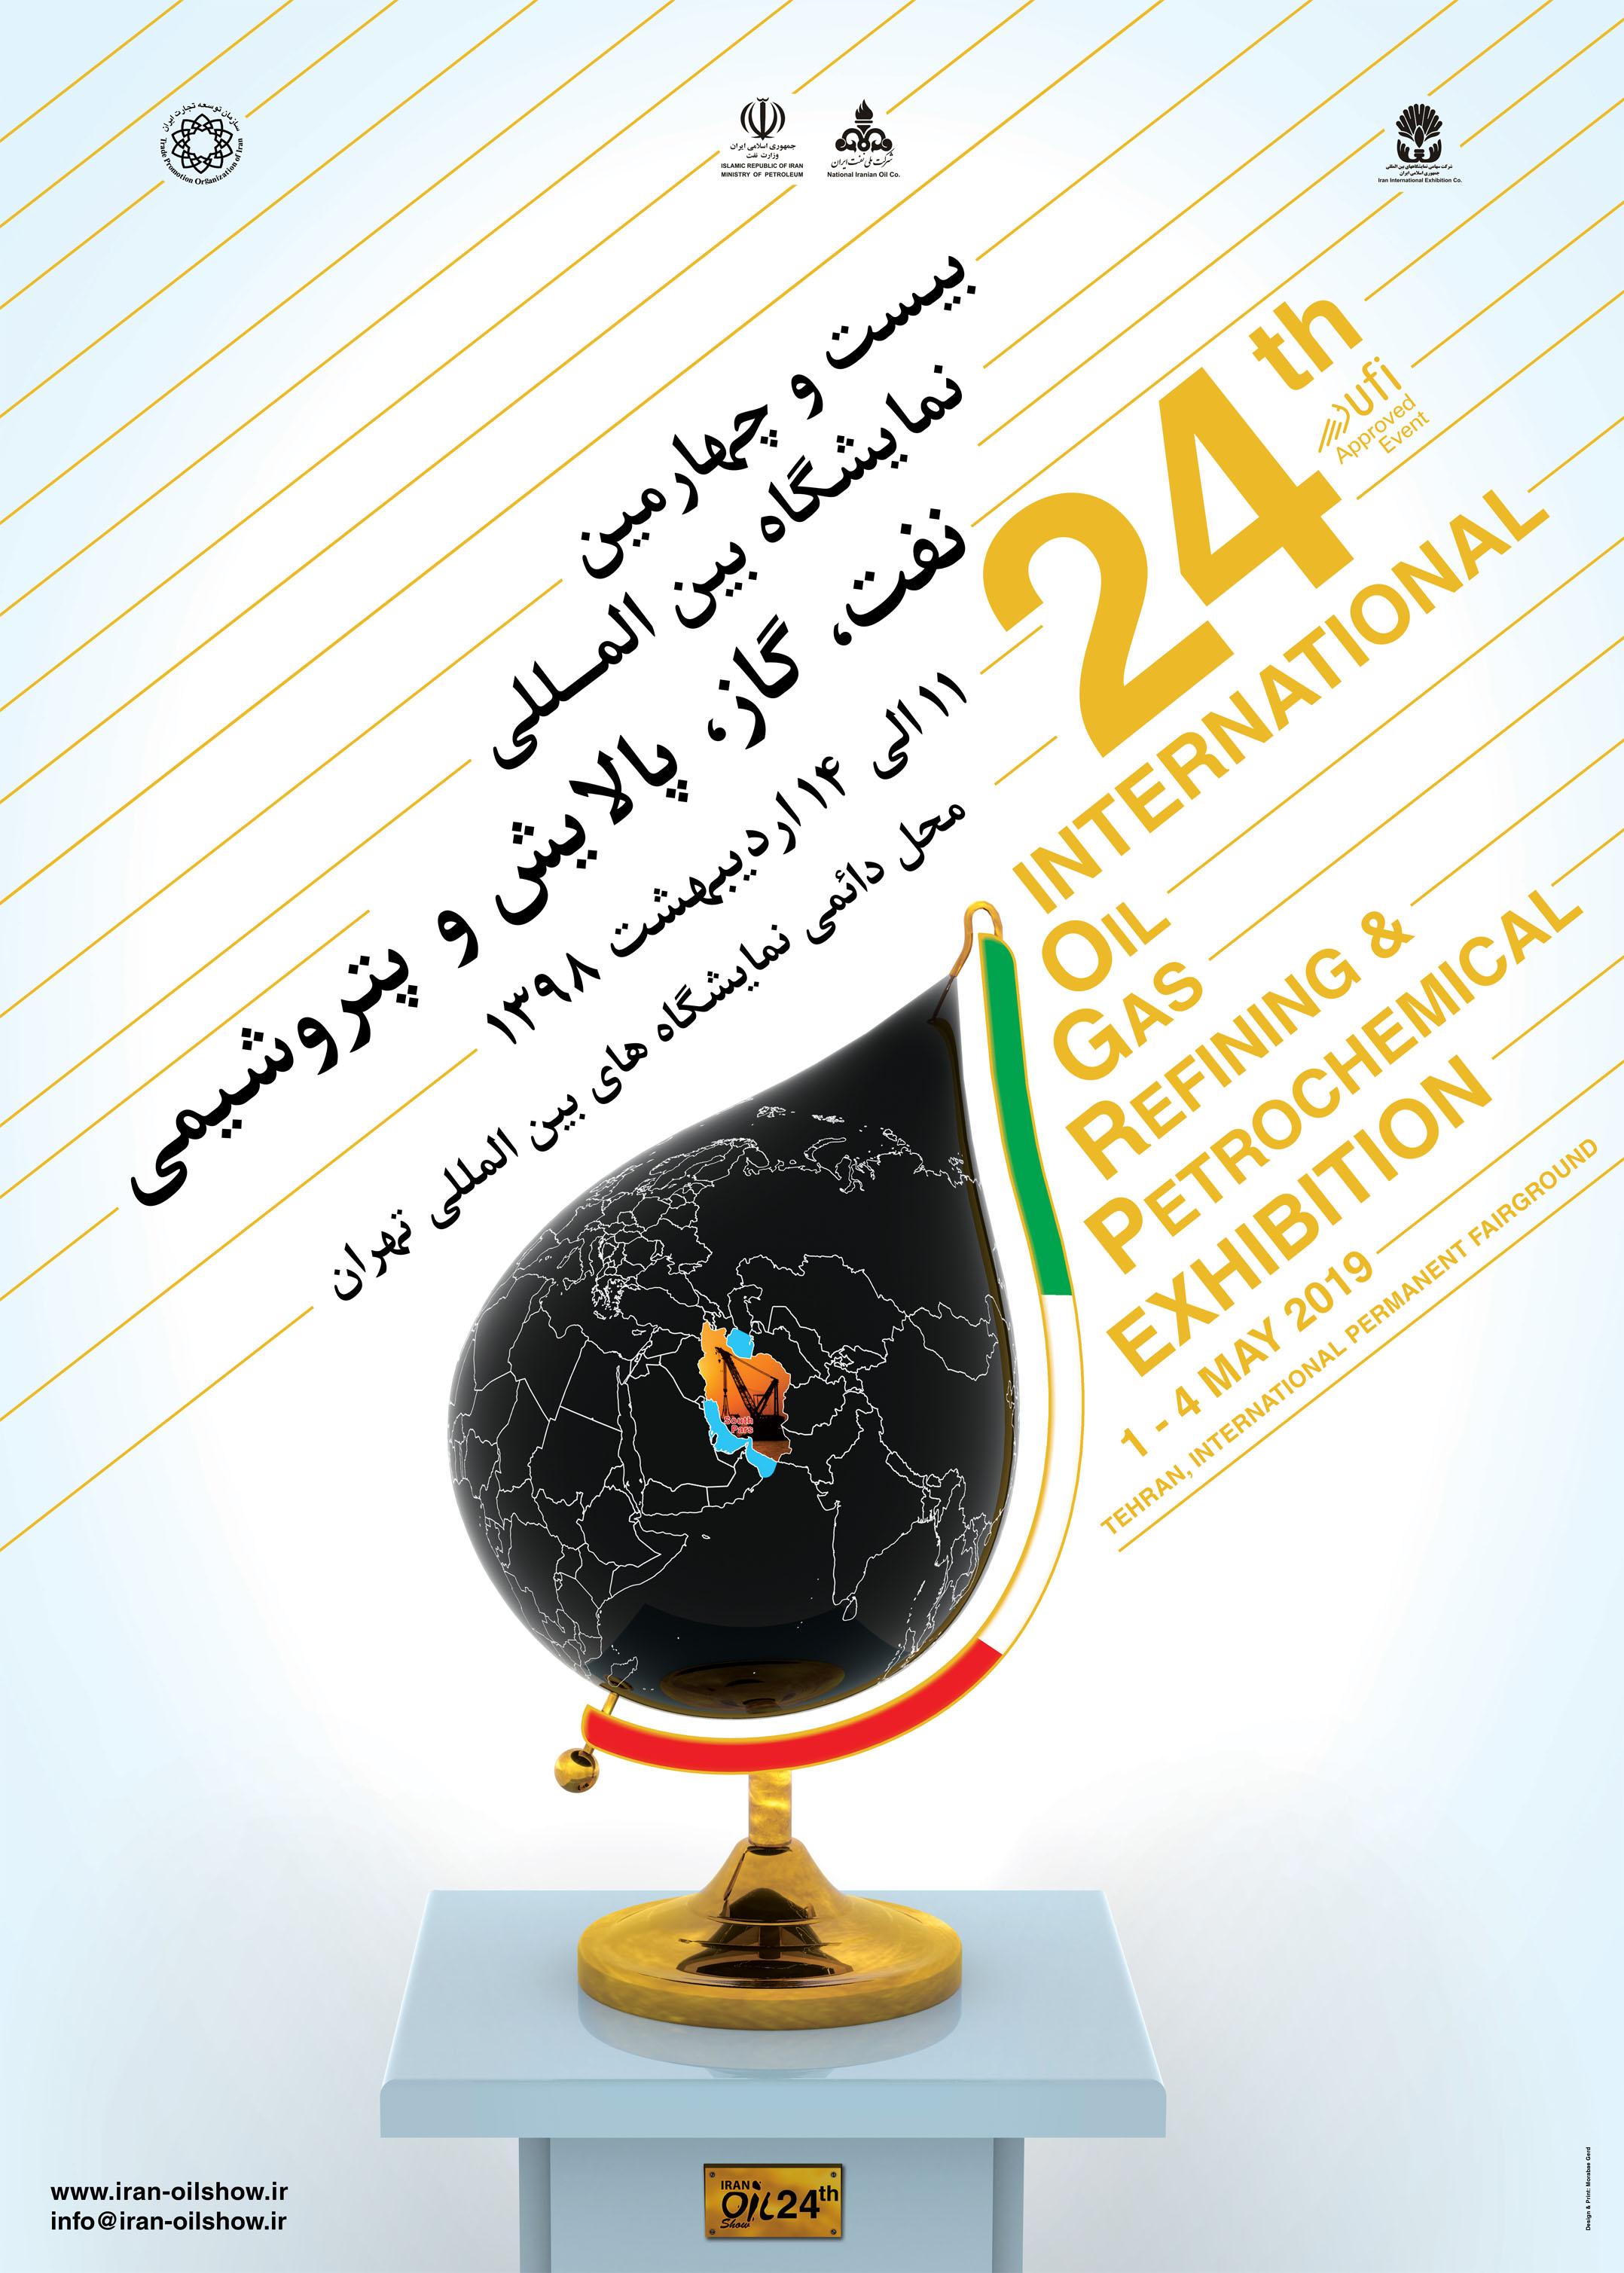 نمایشگاه بین المللی نفت، گاز و پالایش و پتروشیمی